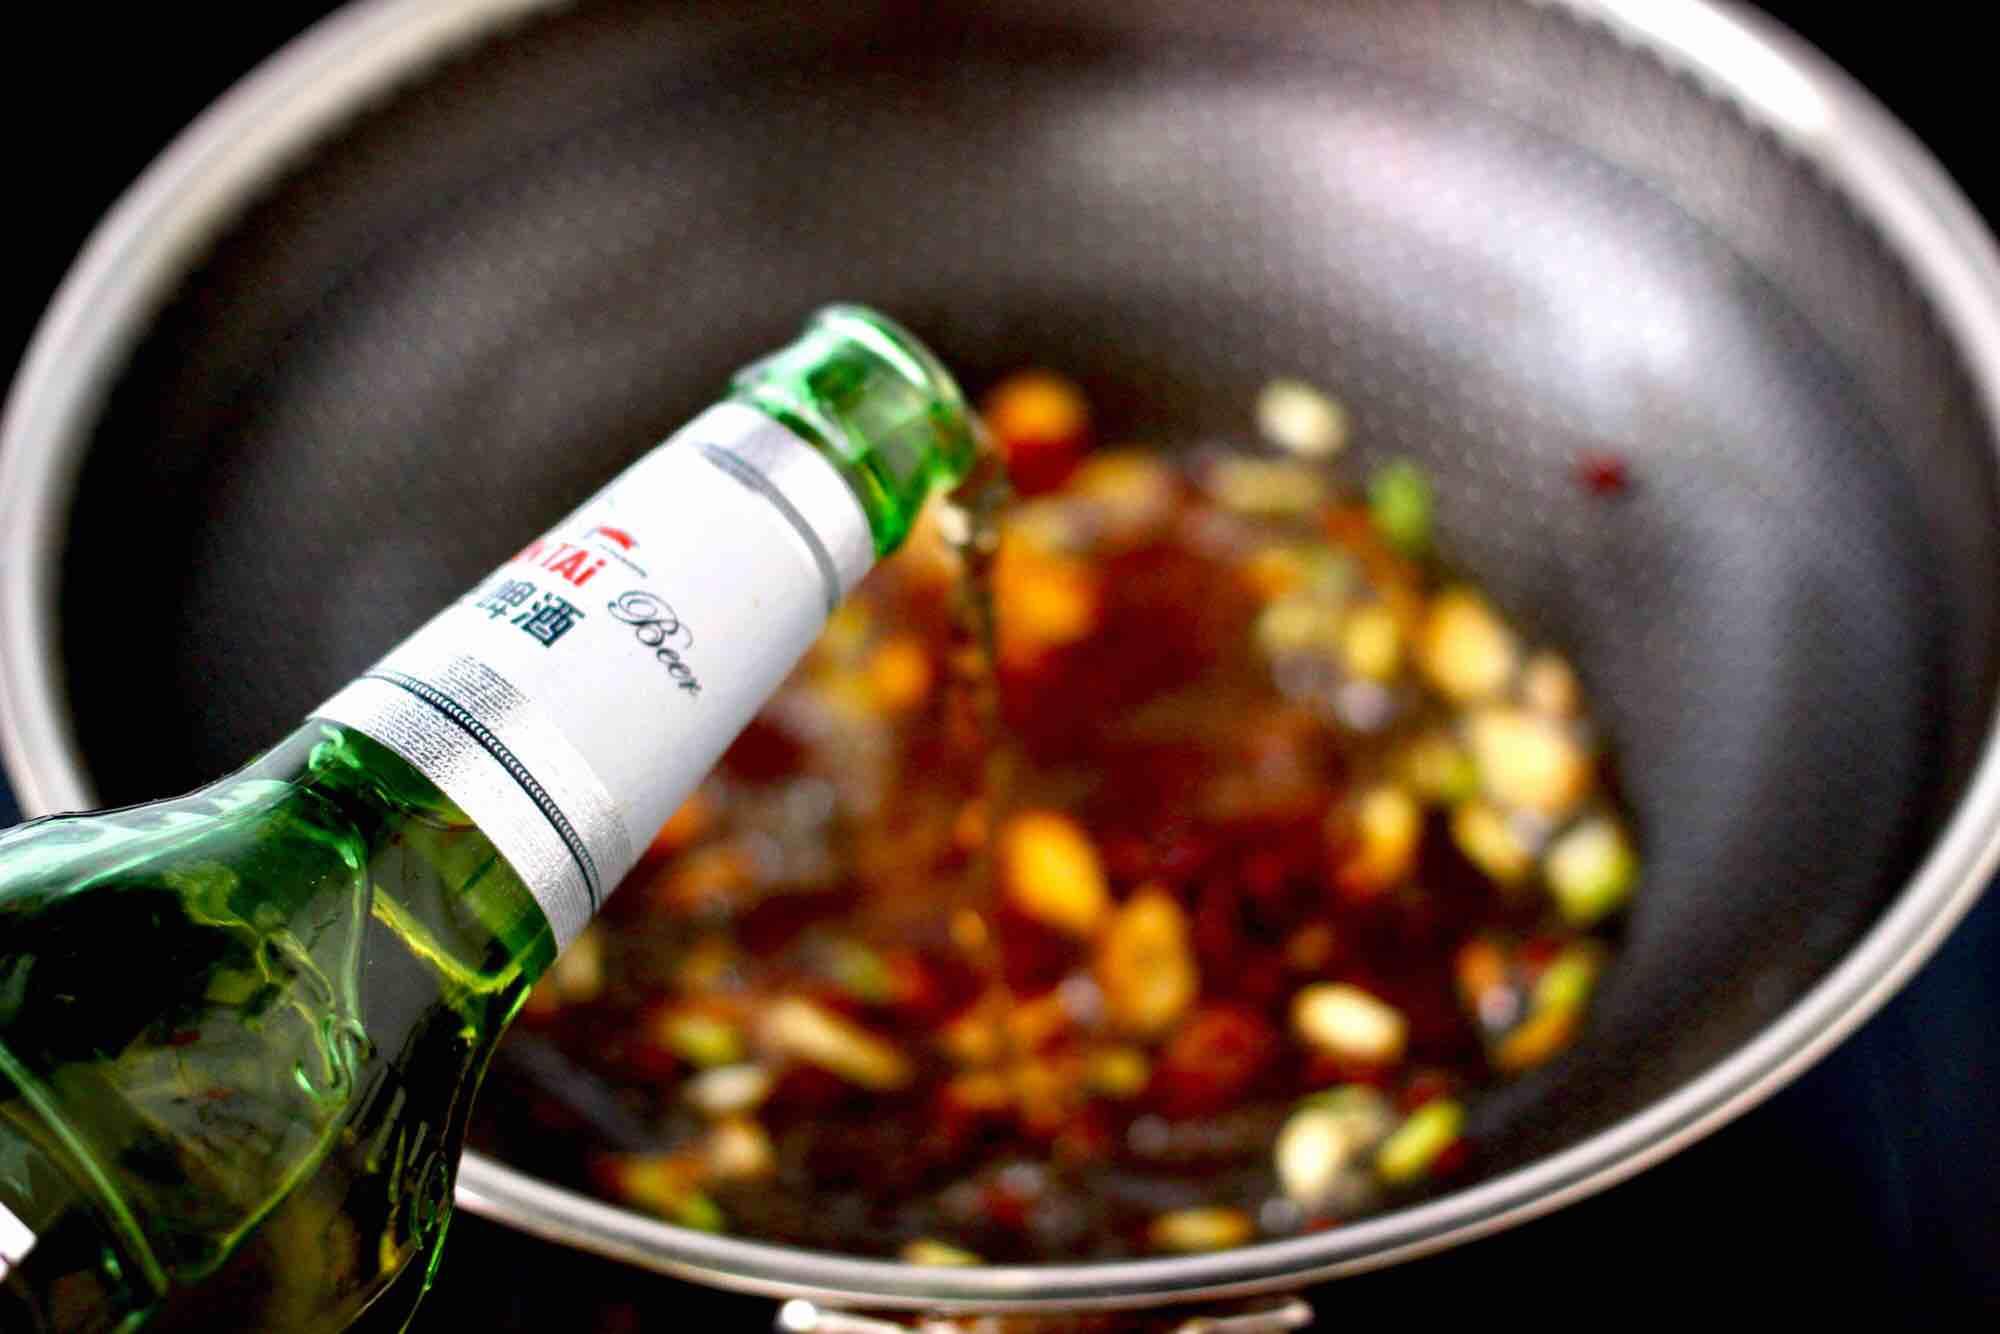 海杂鱼酱焖冻豆腐怎么炒